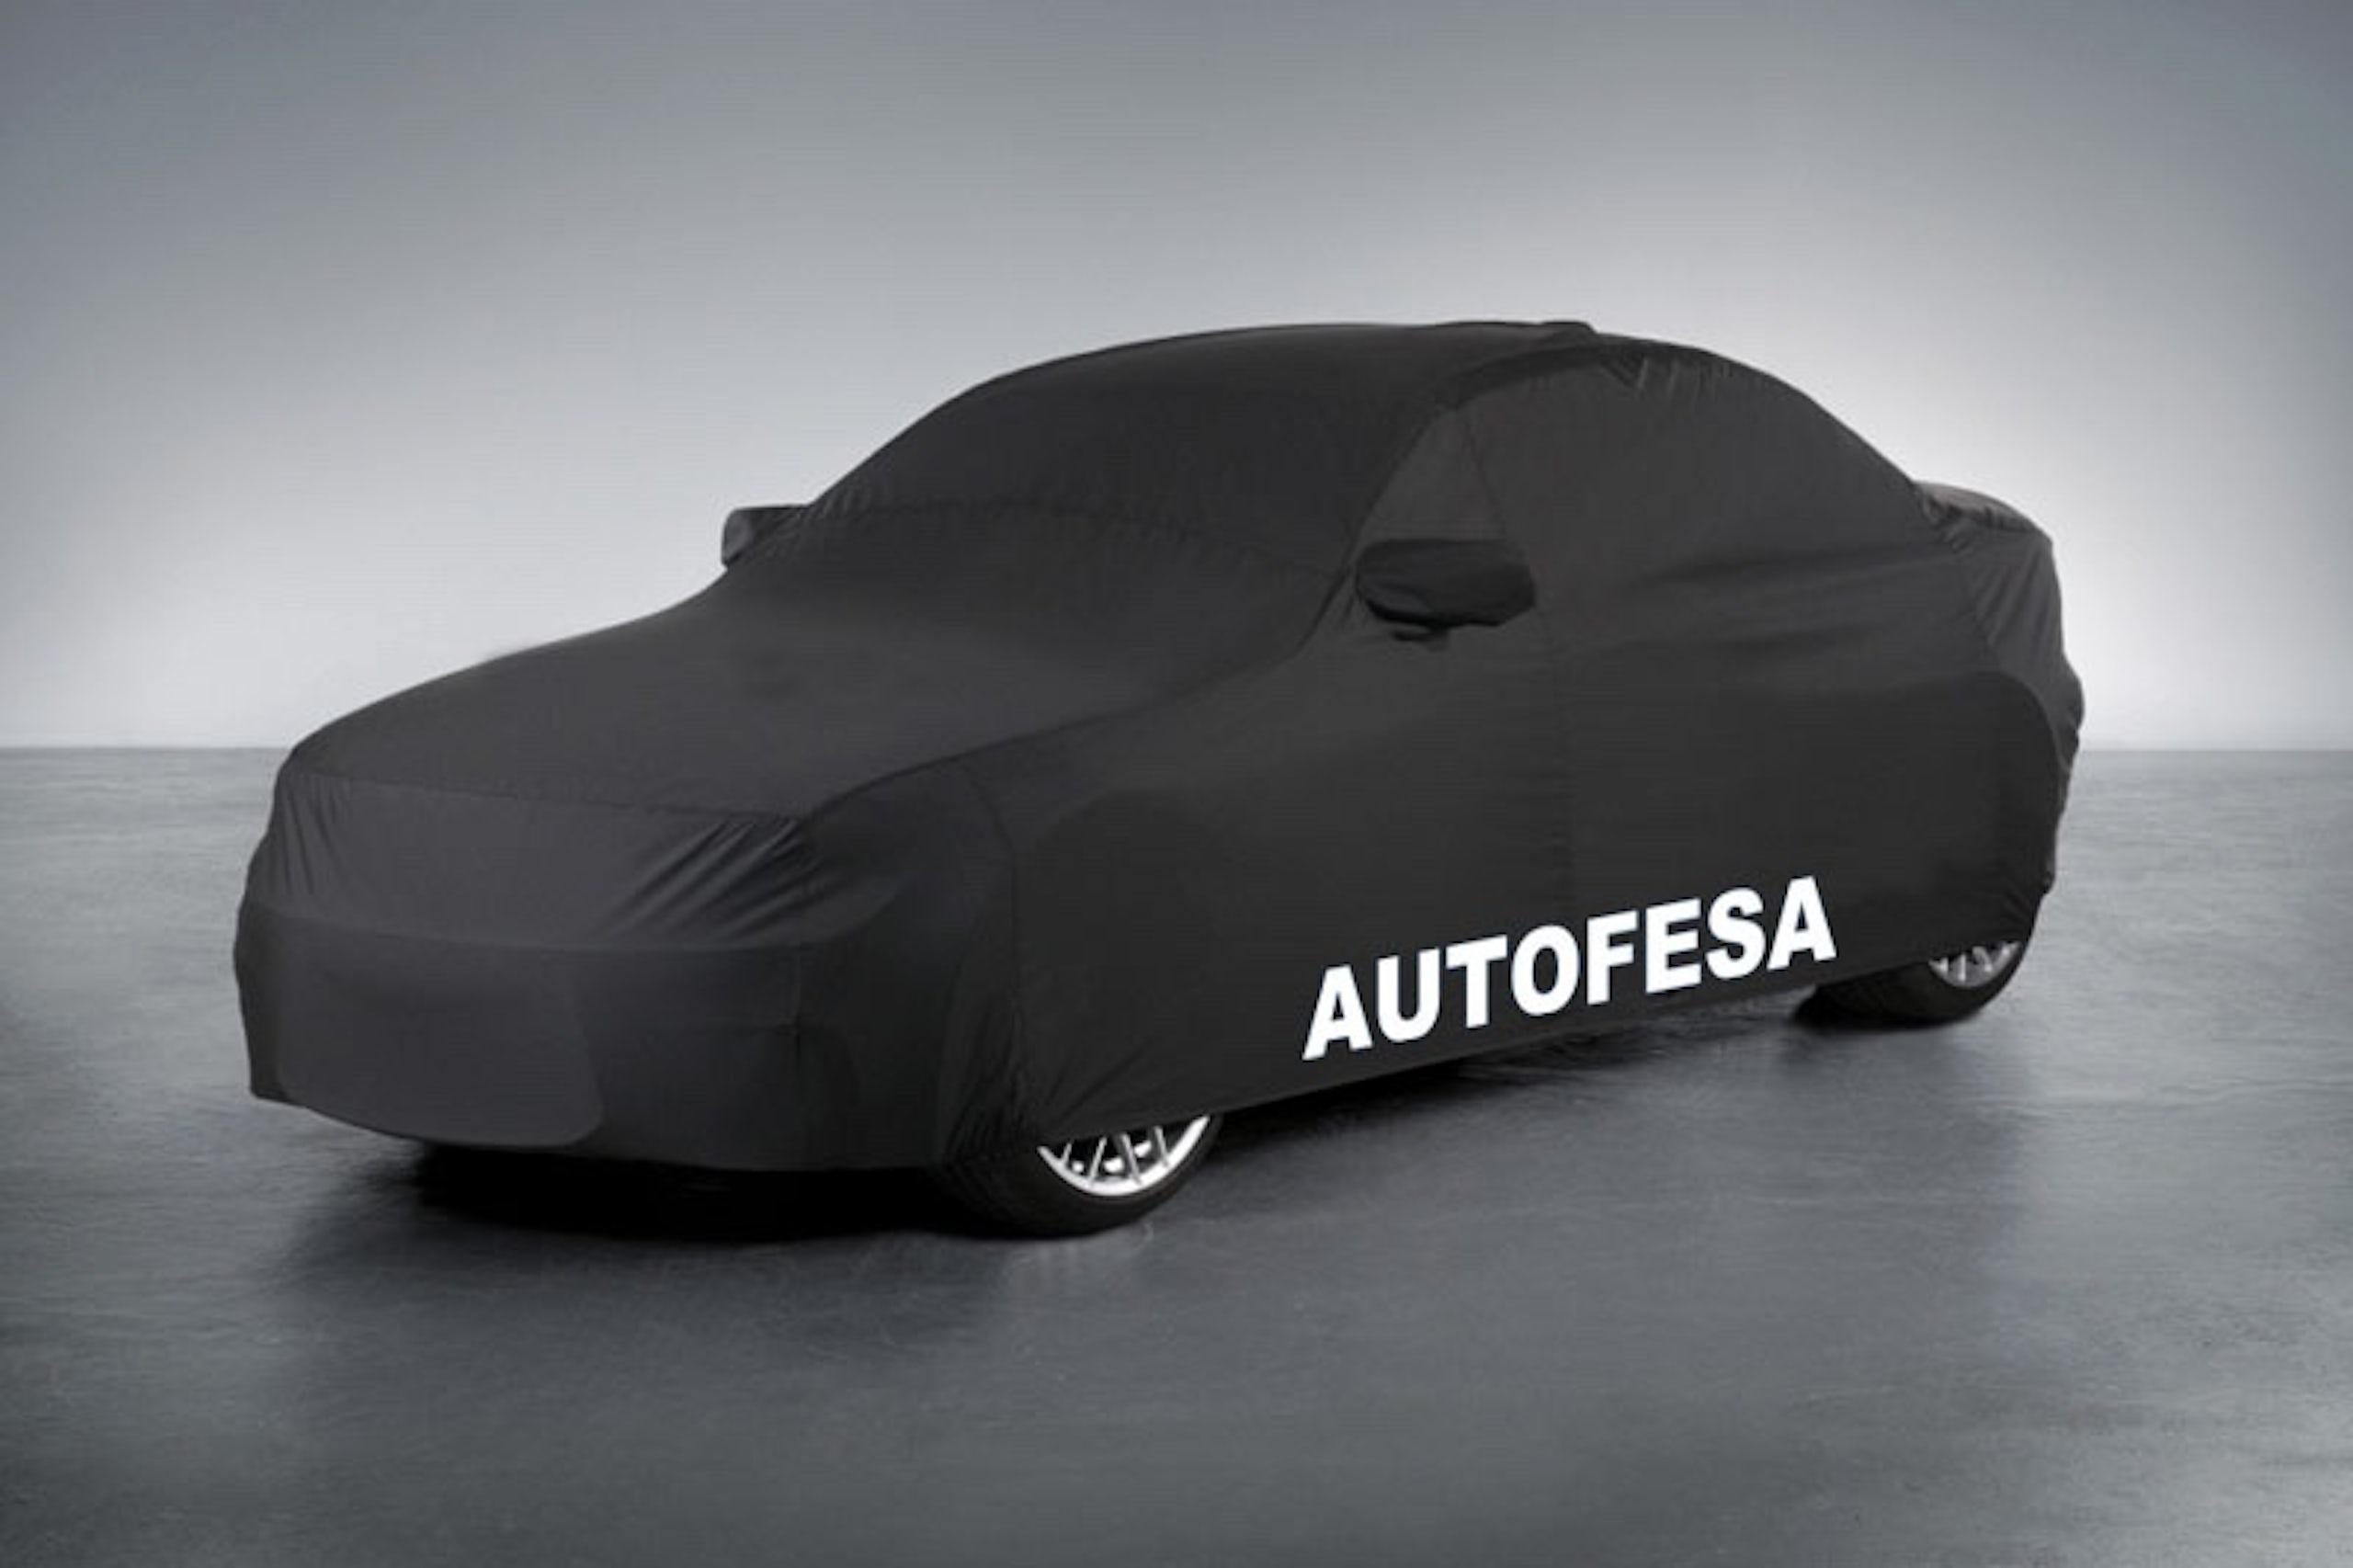 Audi Q7 3.0 TDI 233cv quattro Tiptronic 5p 7plz Auto - Foto 24